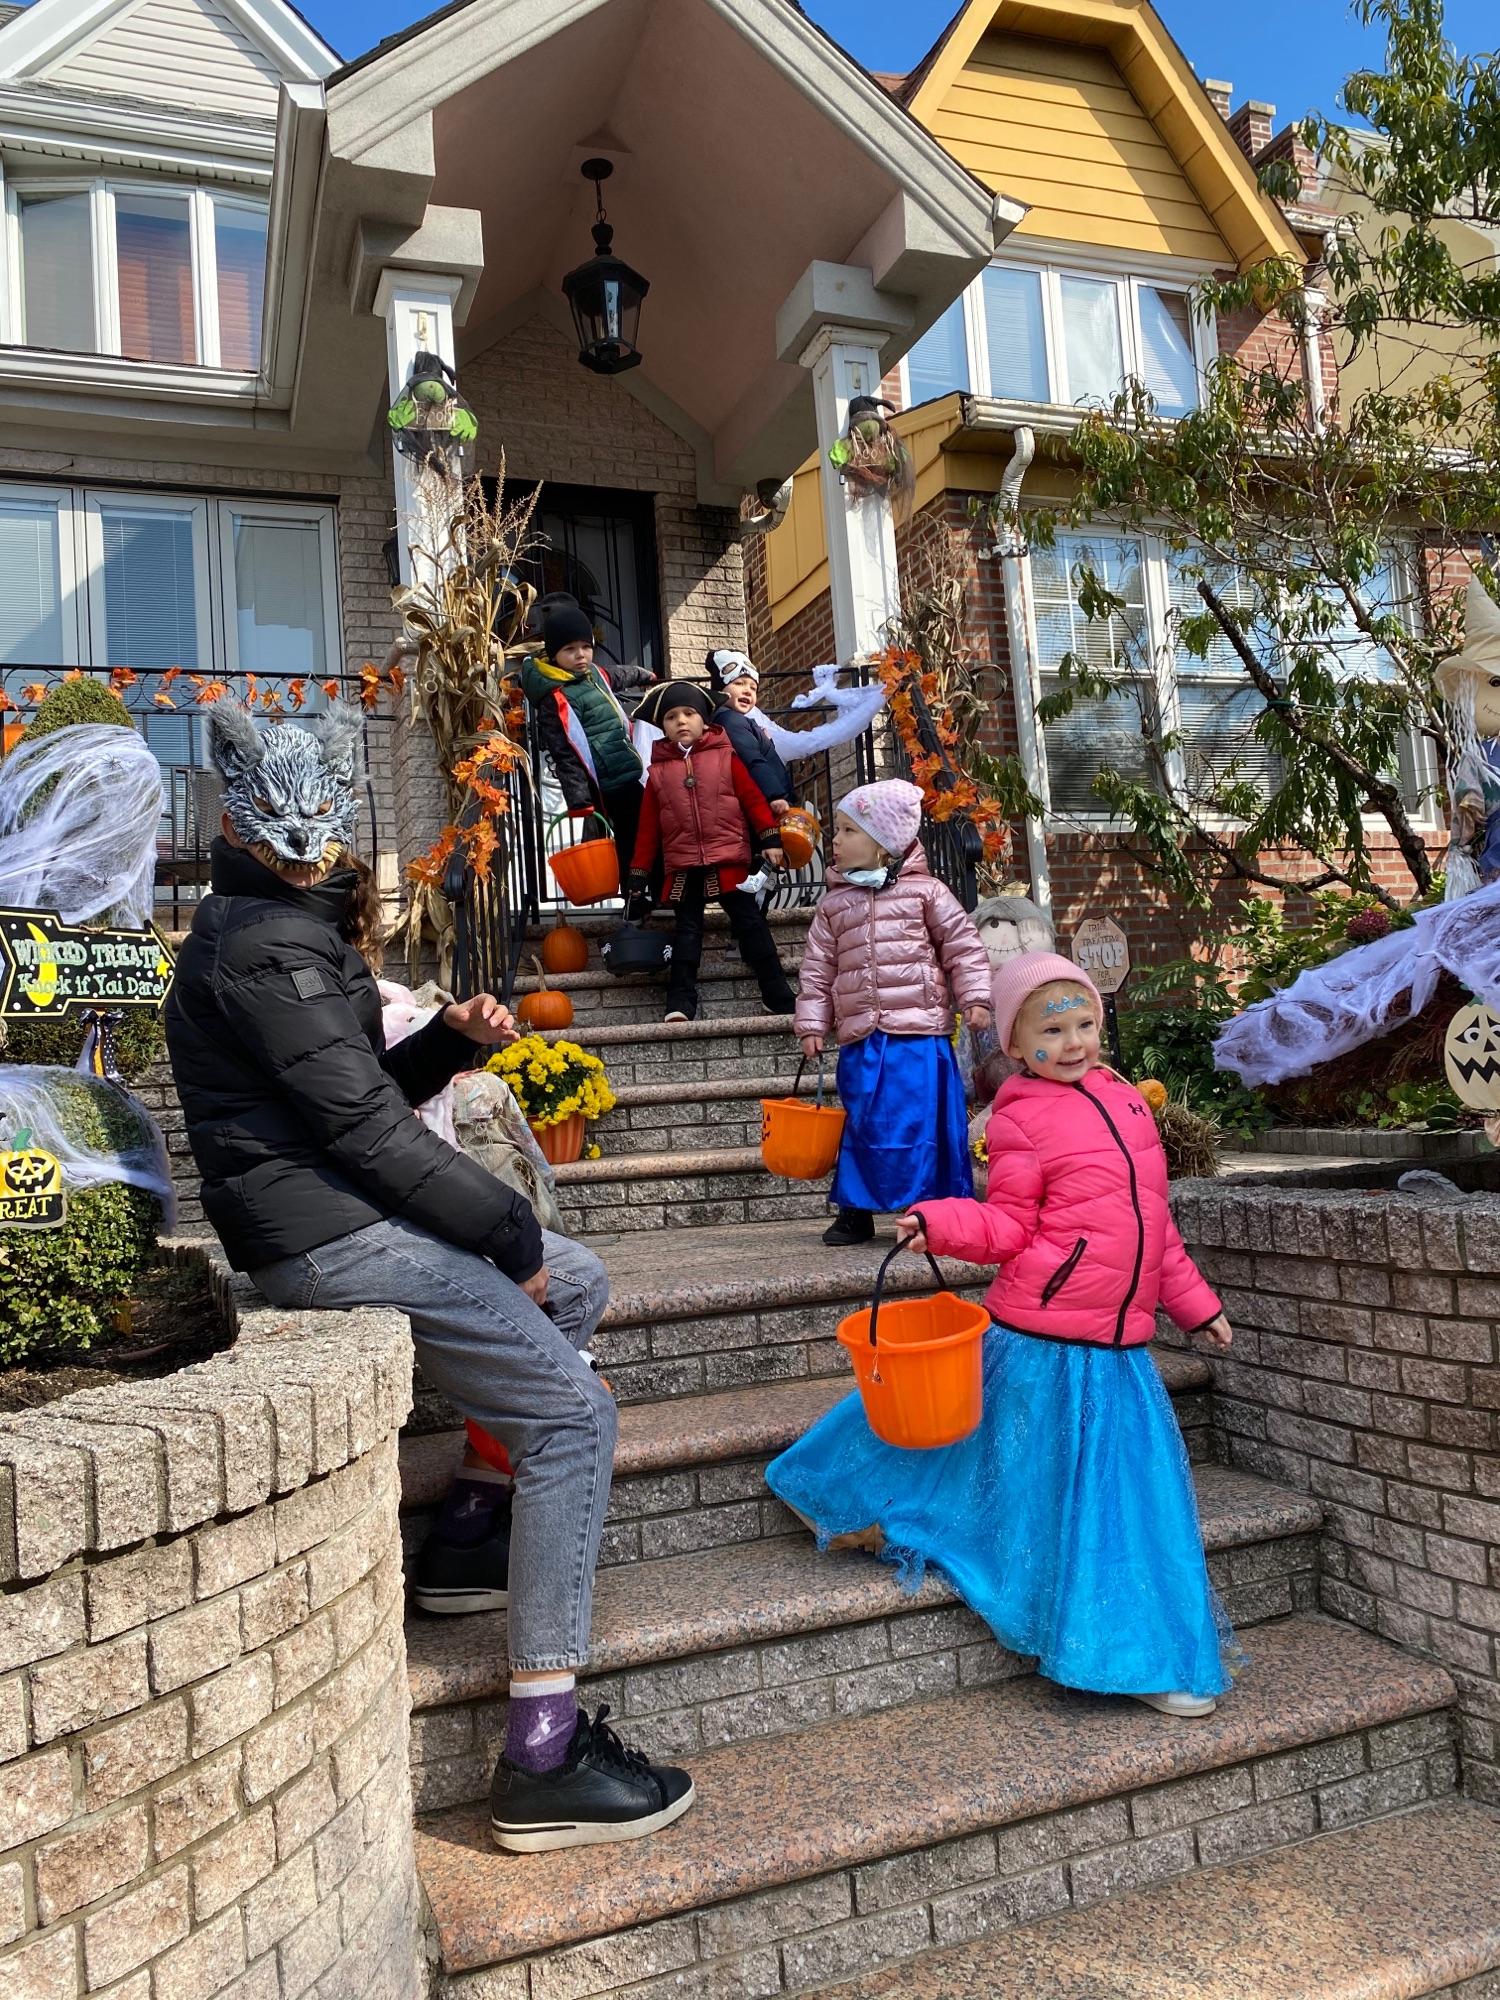 Дети на Хеллоуин собирают конфеты.В районе Дайкер Хайтс , недалеко от нас)